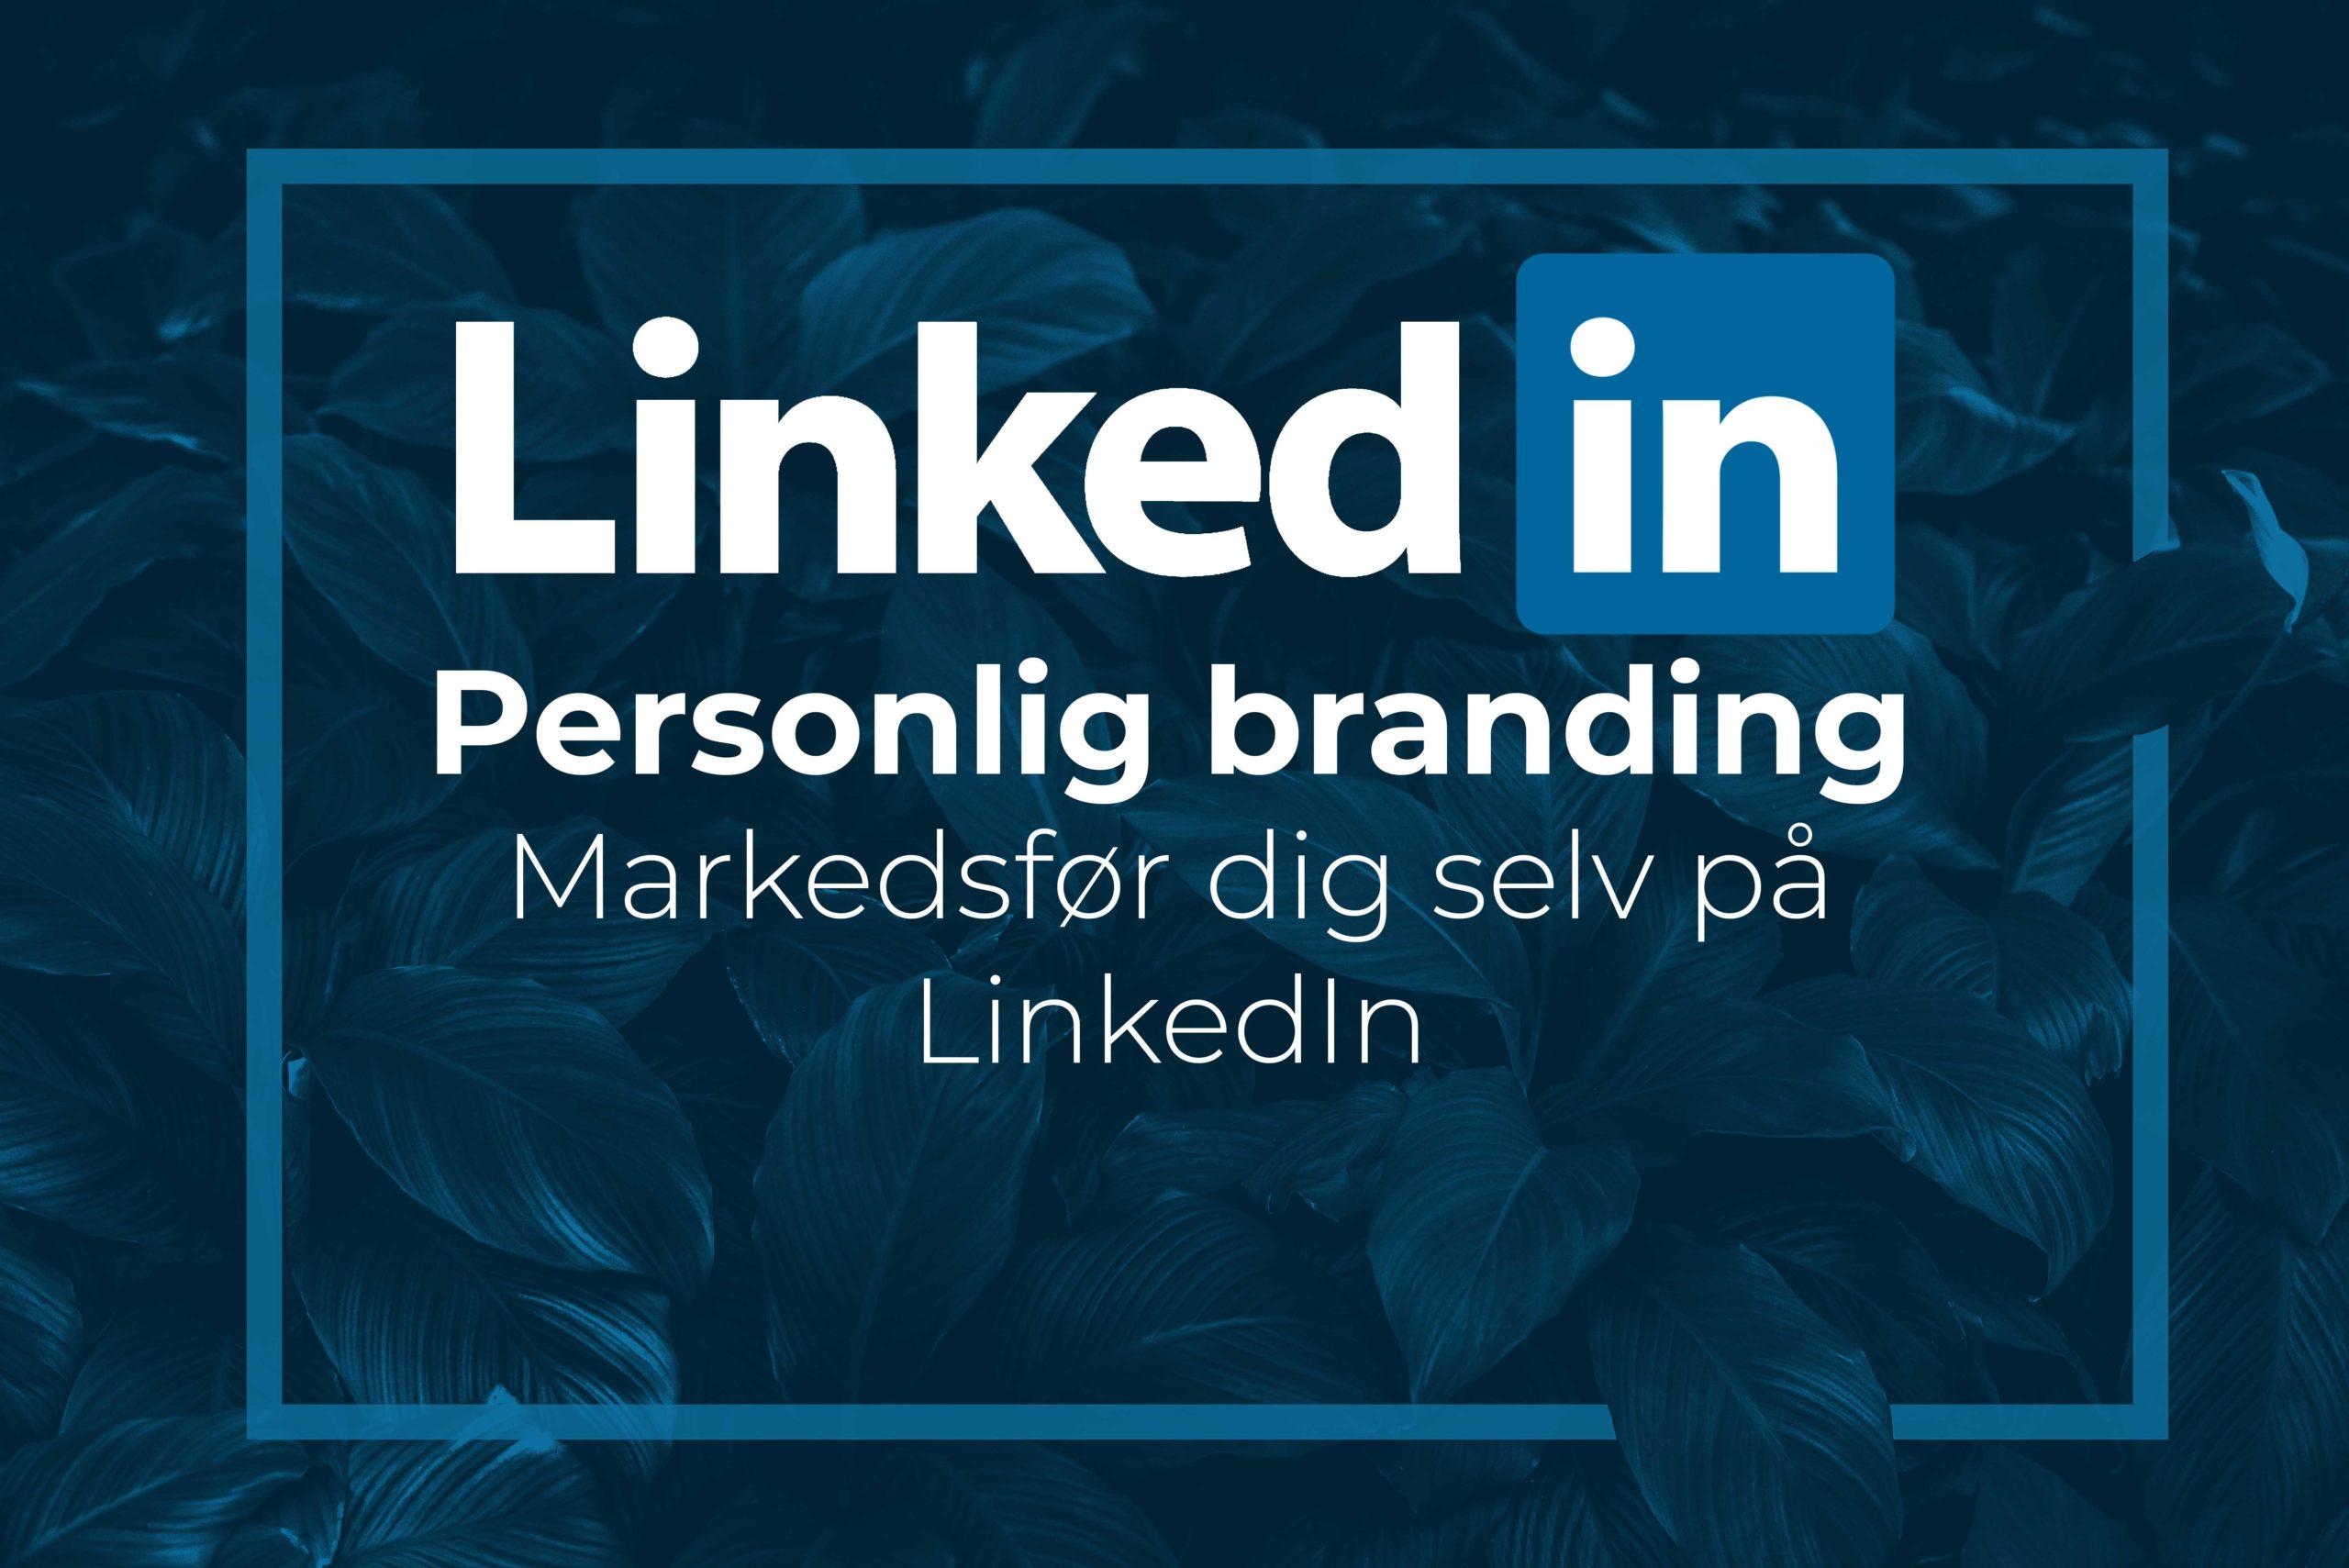 LinkedIn personlig branding